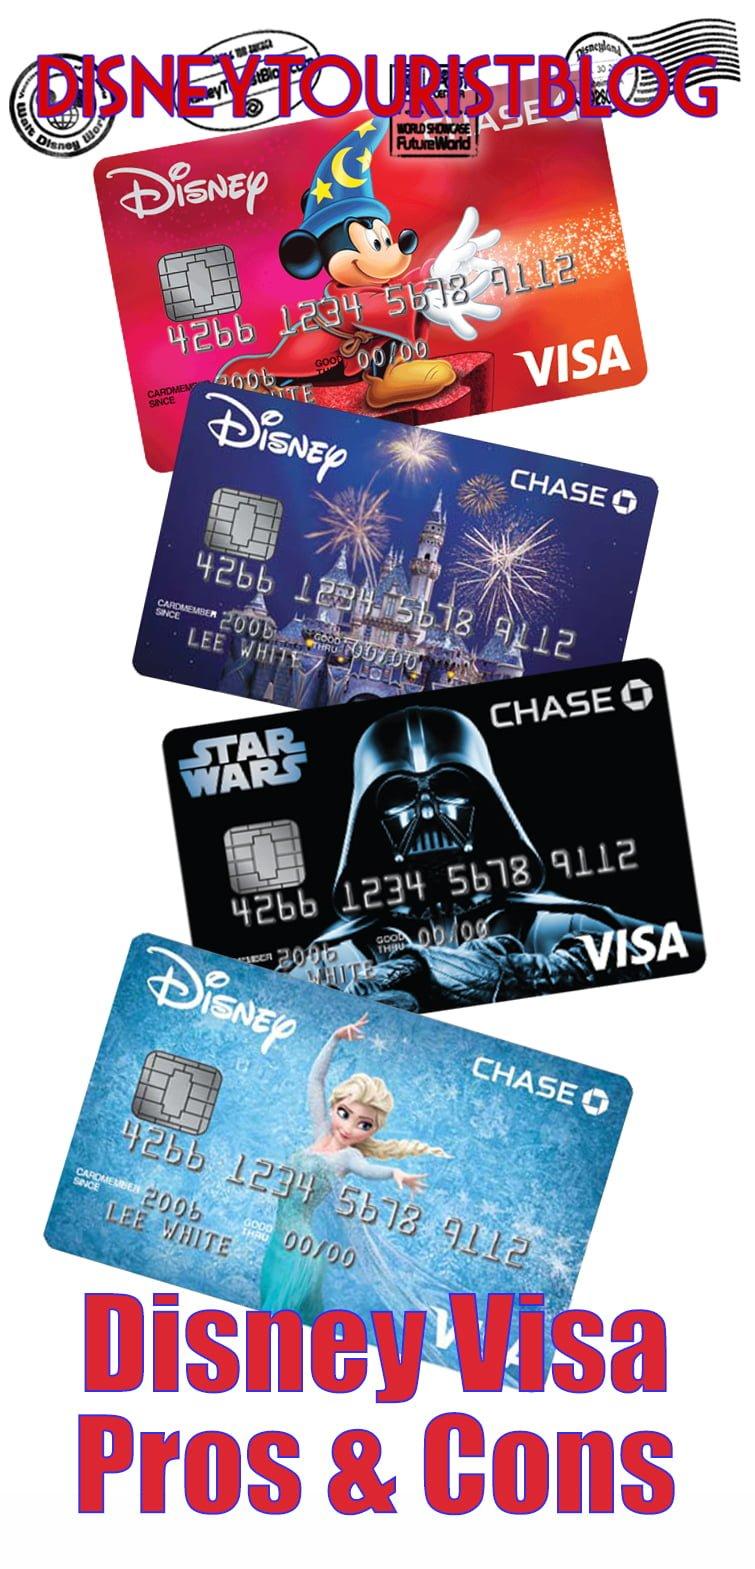 disney visa credit card pros cons disney tourist blog. Black Bedroom Furniture Sets. Home Design Ideas